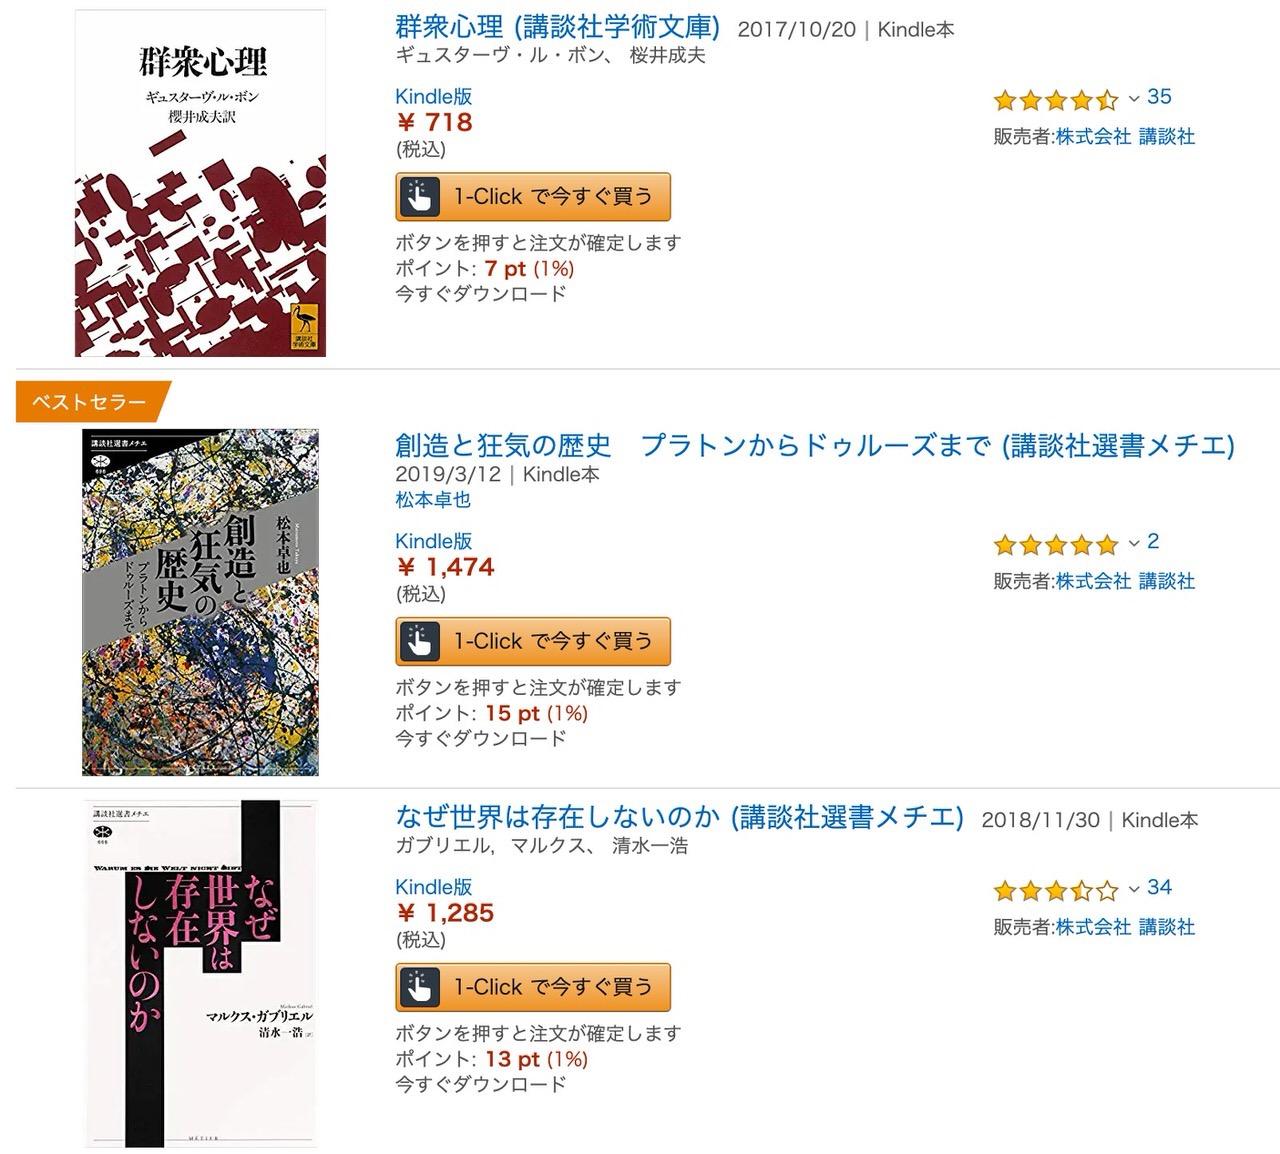 【Kindleセール】夏☆電書2019「学術書ベスト100」開催中(7/18まで)